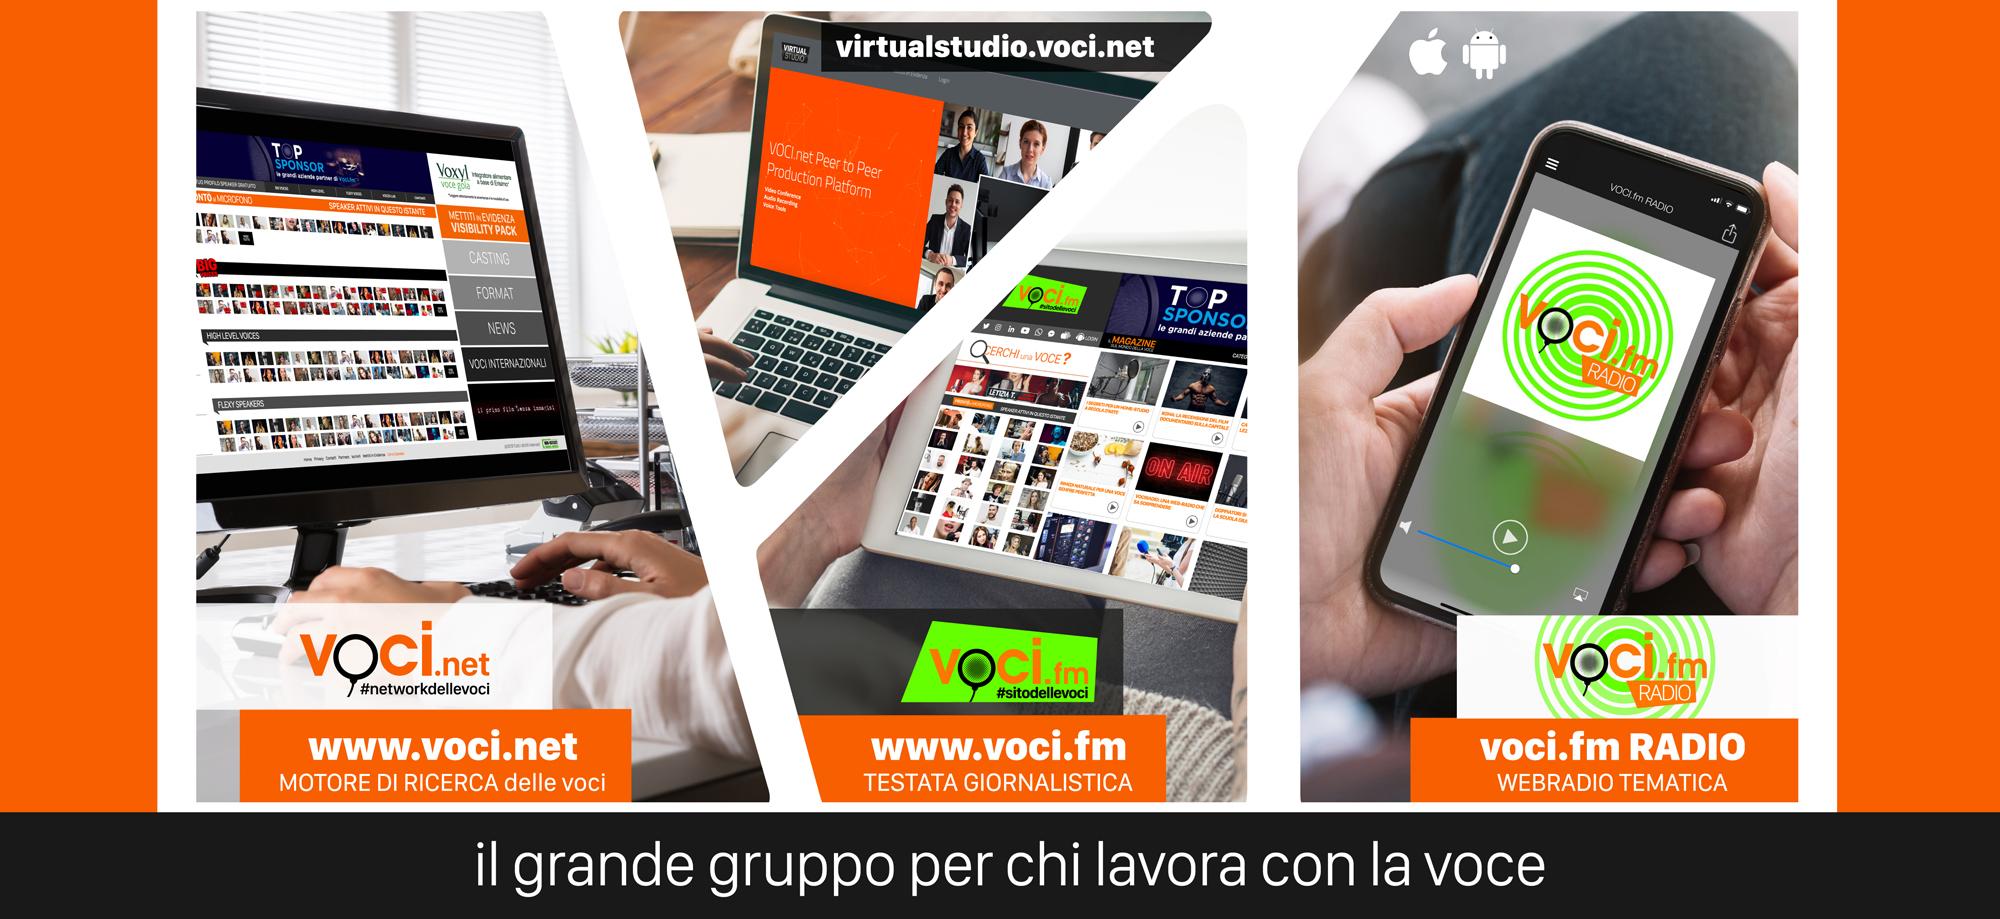 Gruppo VOCI fm Marco Picchio - Radio. Picchio (Voci FM): vi spiego perché dietro l'iniziativa Studio AD di Spotify ci sono opportunità anche per la Radio e chi ci collabora